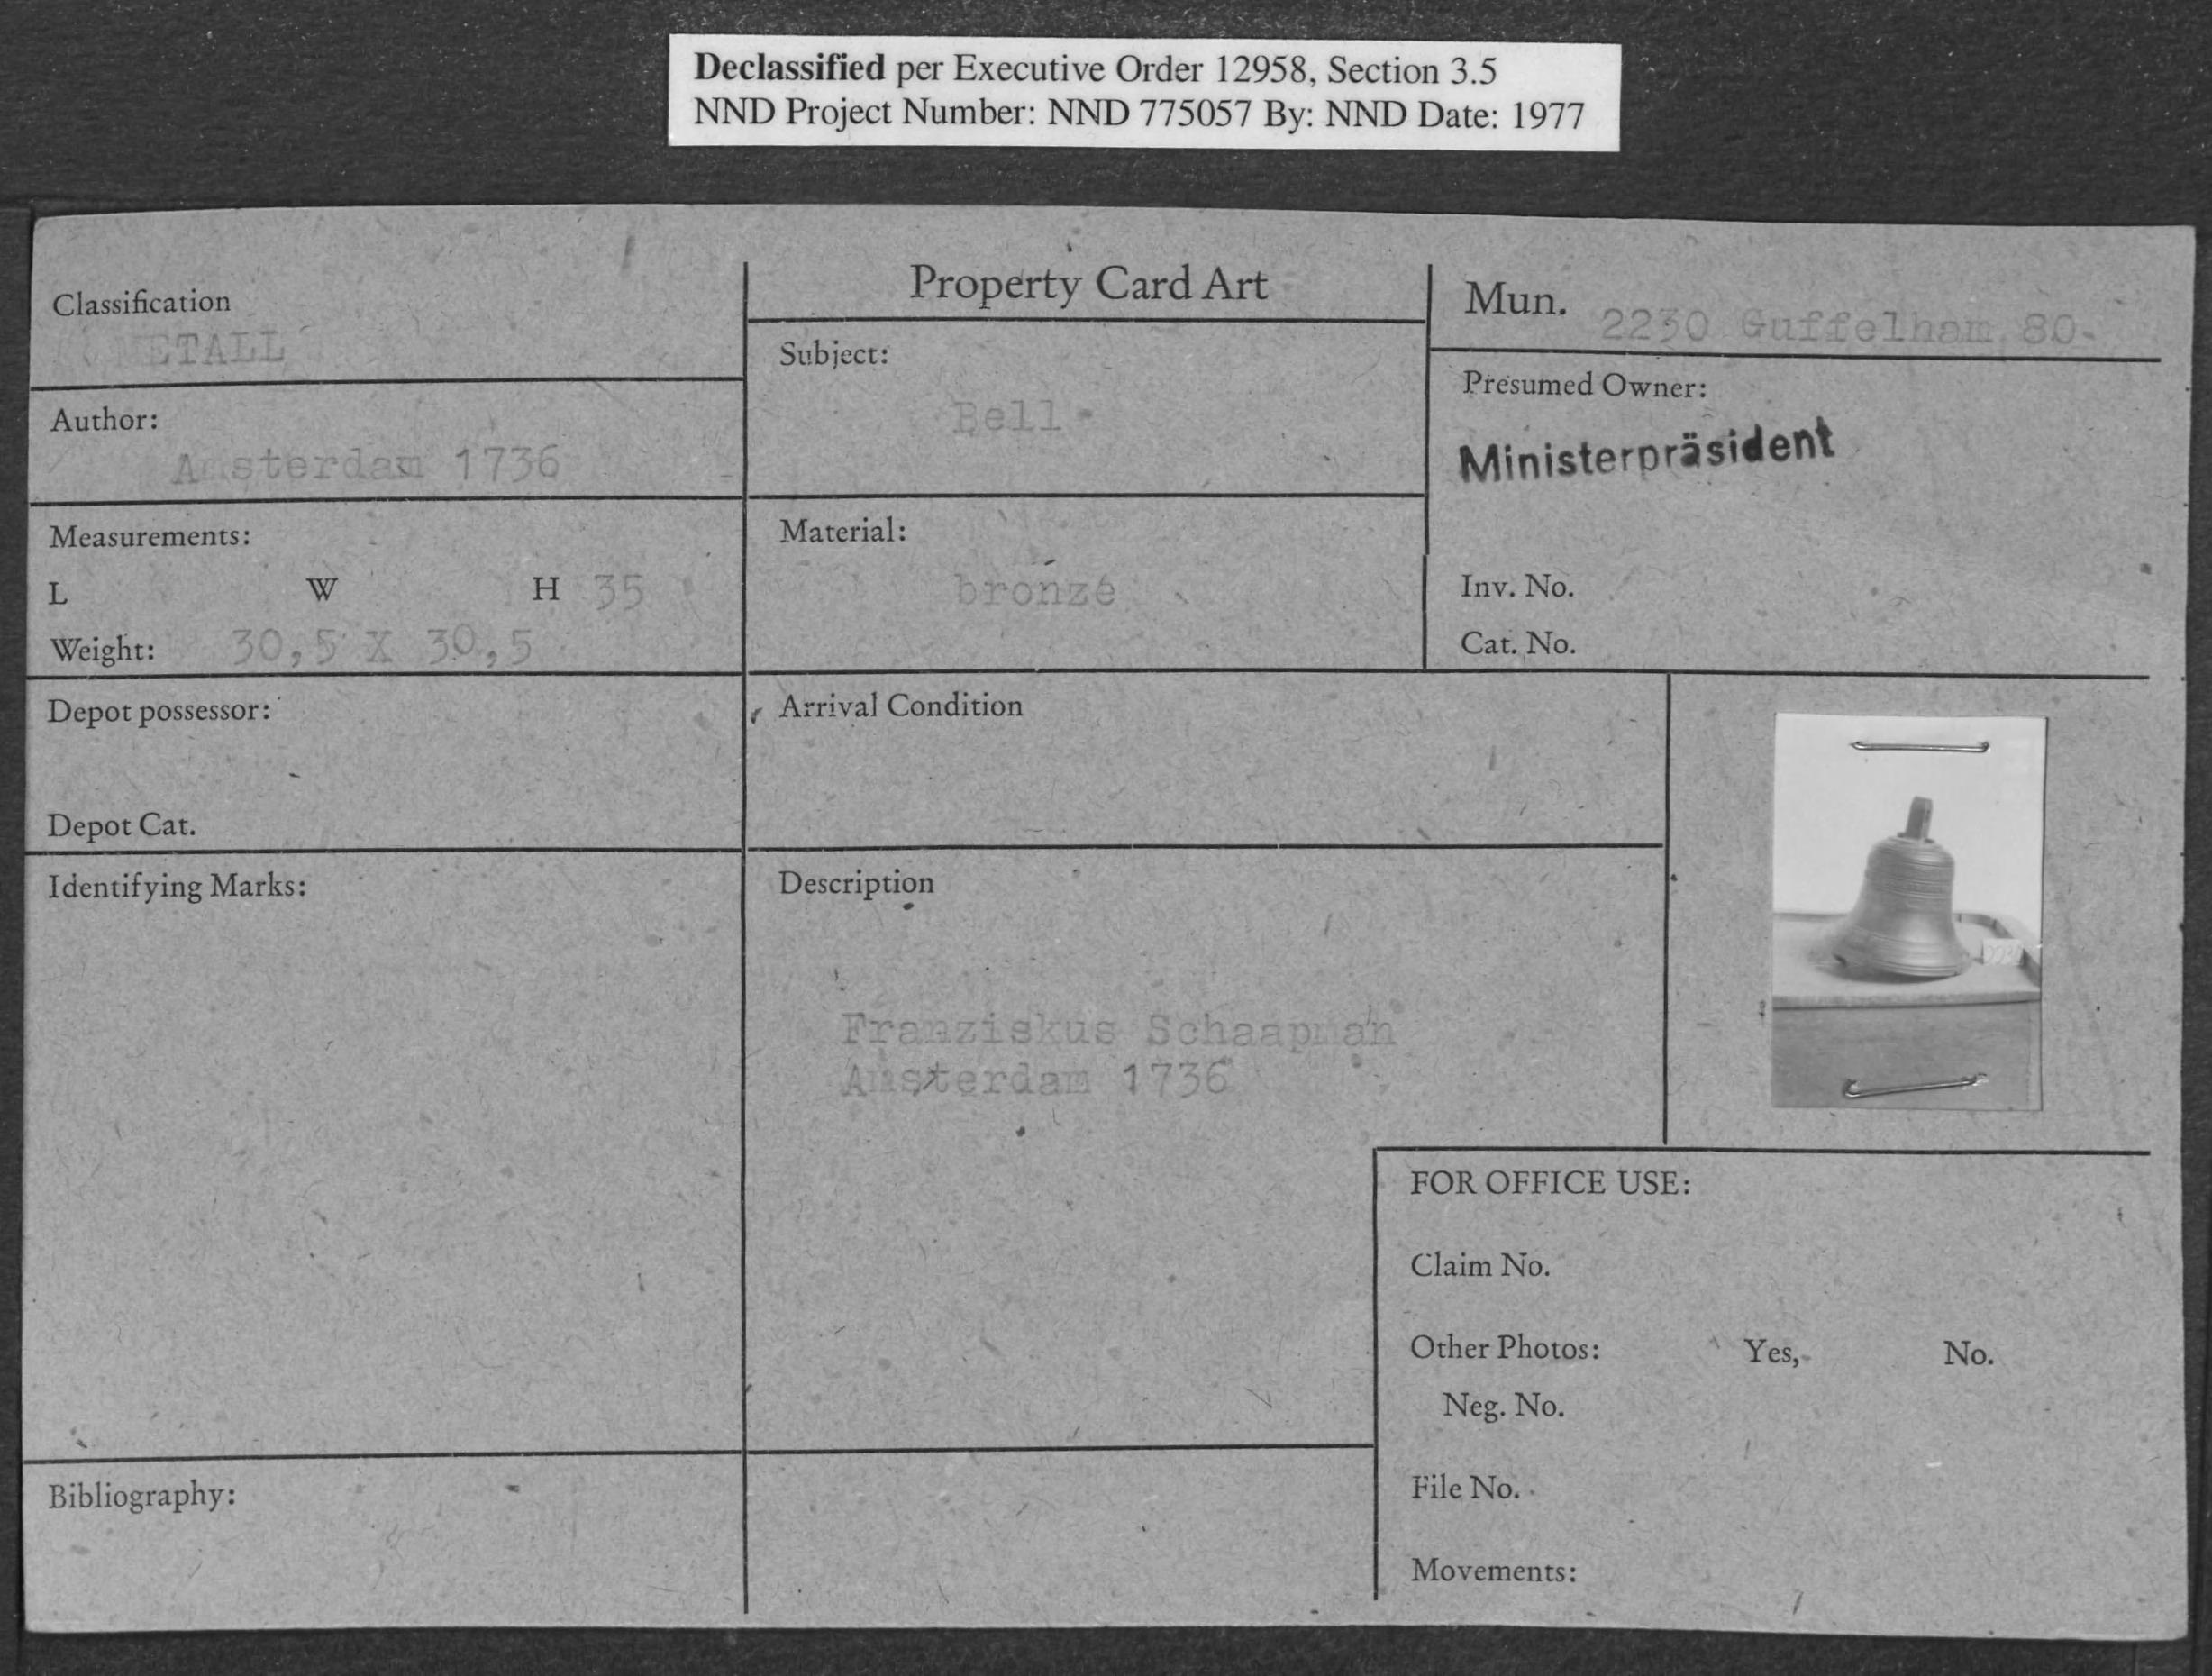 Metall: Bell, Property Card Number 2230 Guffelham 80